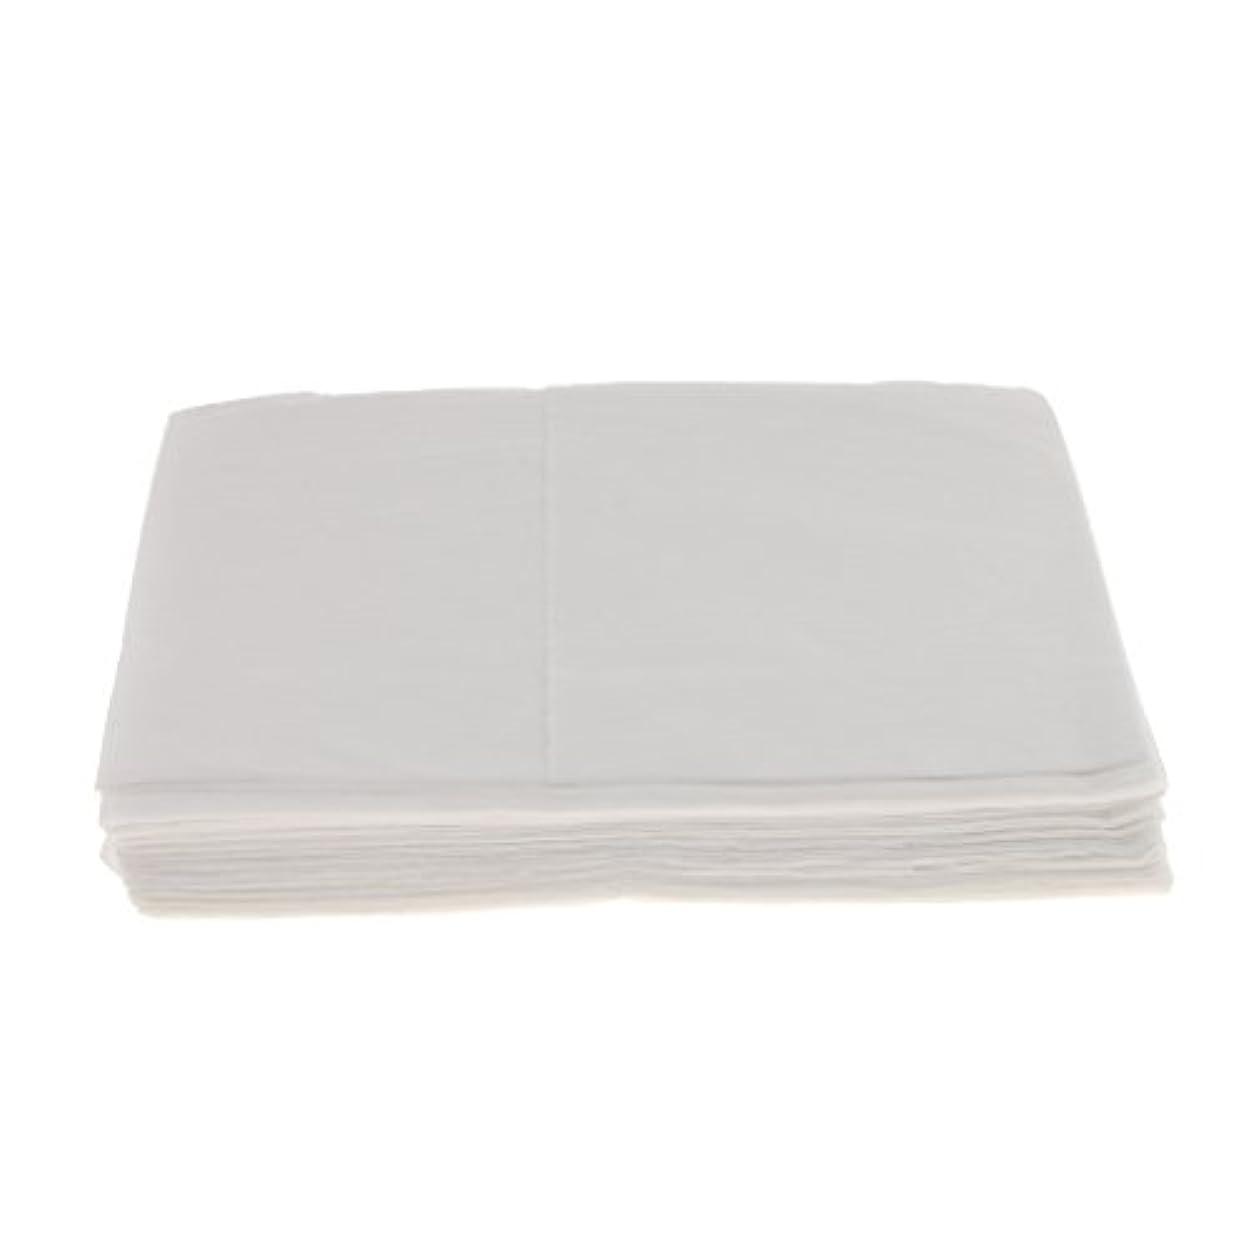 カヌー成功する不快なBaosity 10枚 使い捨て ベッドシーツ サロン ホテル ベッドパッド カバー シート 2色選べ - 白